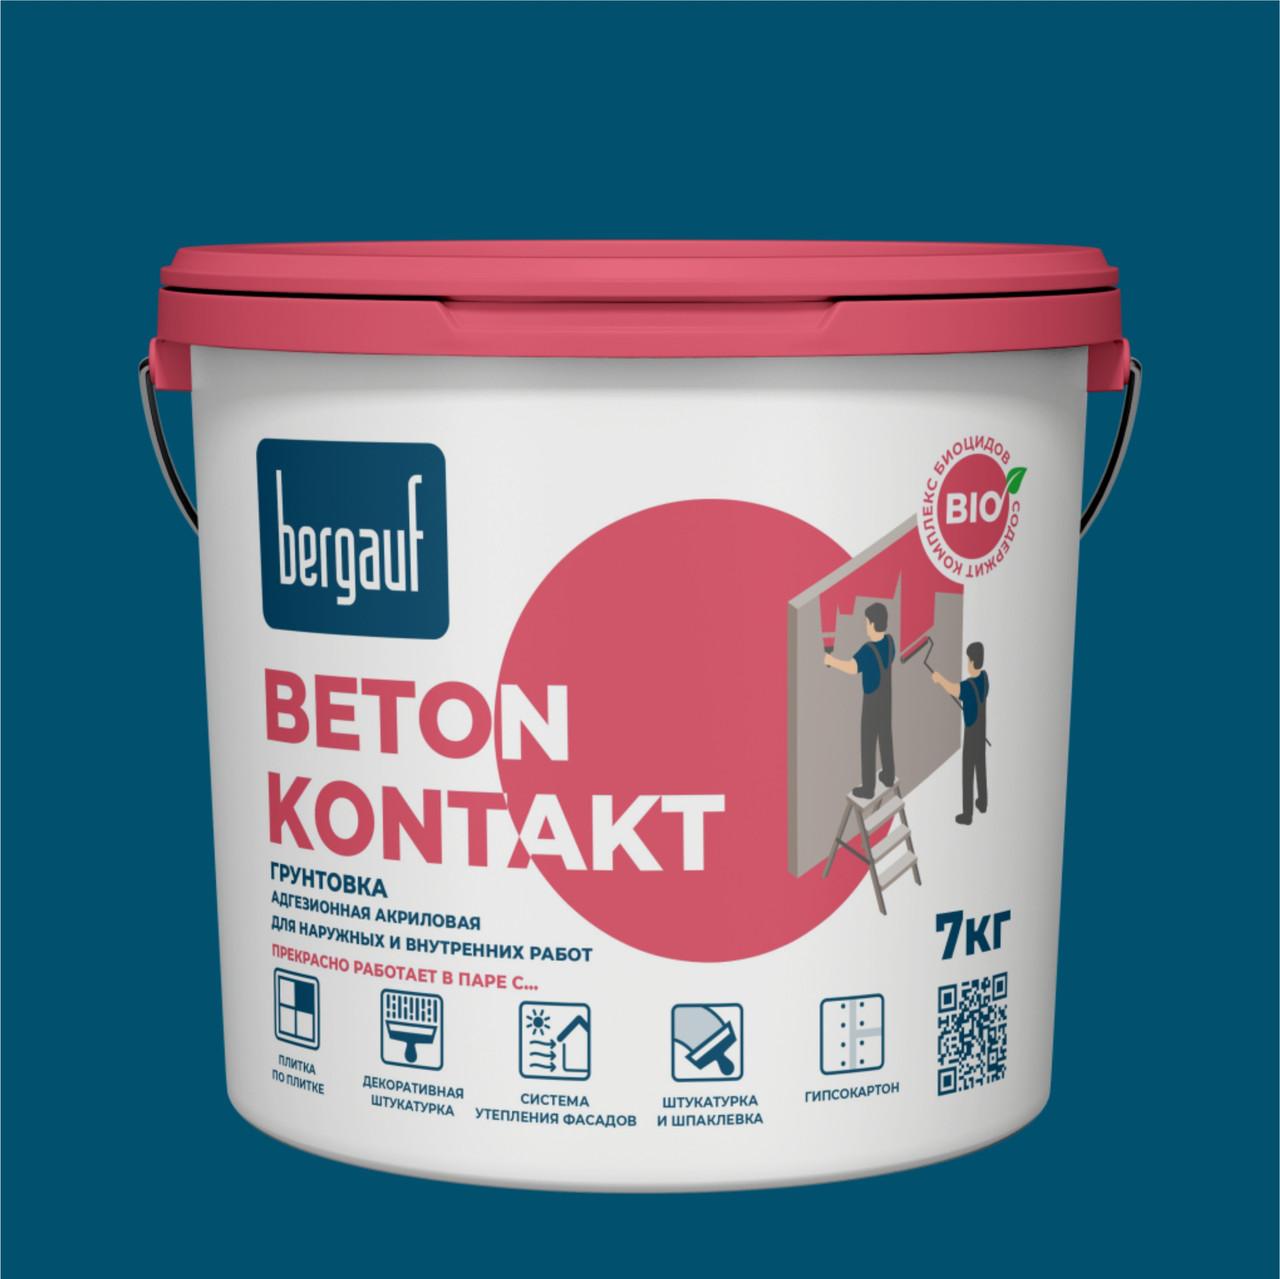 Bergauf, BETON KONTAKT, (Бетон Контакт) Сцепляющая (адгезионная) акриловая грунтовка, 7 кг, зима-лето